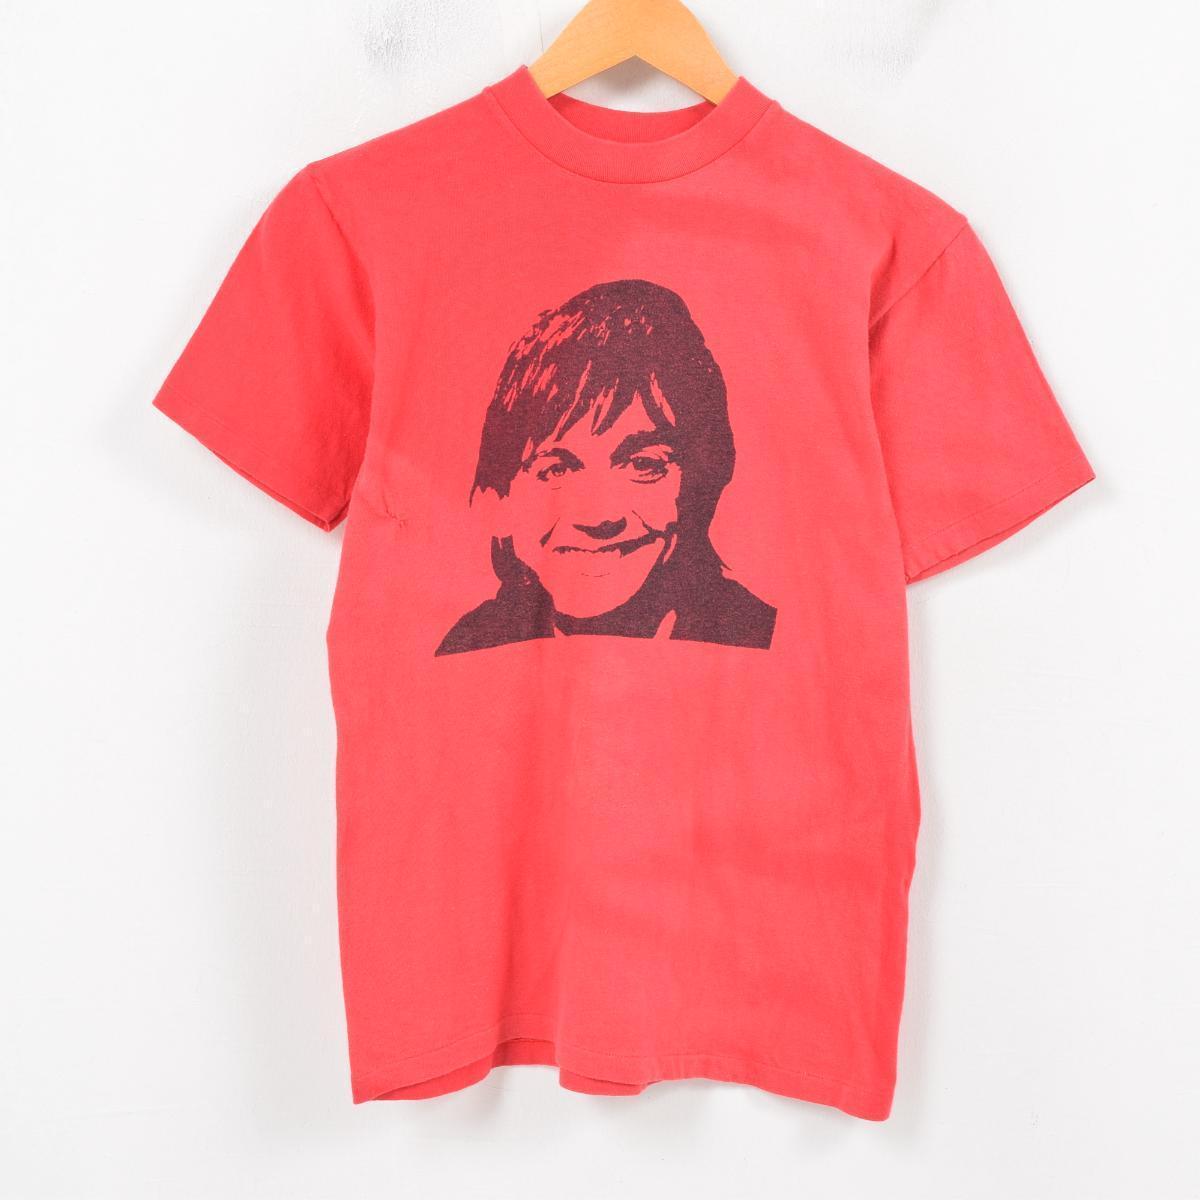 70年代 UNKNOWN THE STOOGES ストゥージス IGGY POP イギーポップ Lust For Life バンドTシャツ メンズXS ヴィンテージ /wap7412 【中古】【古着屋JAM】 【180701】